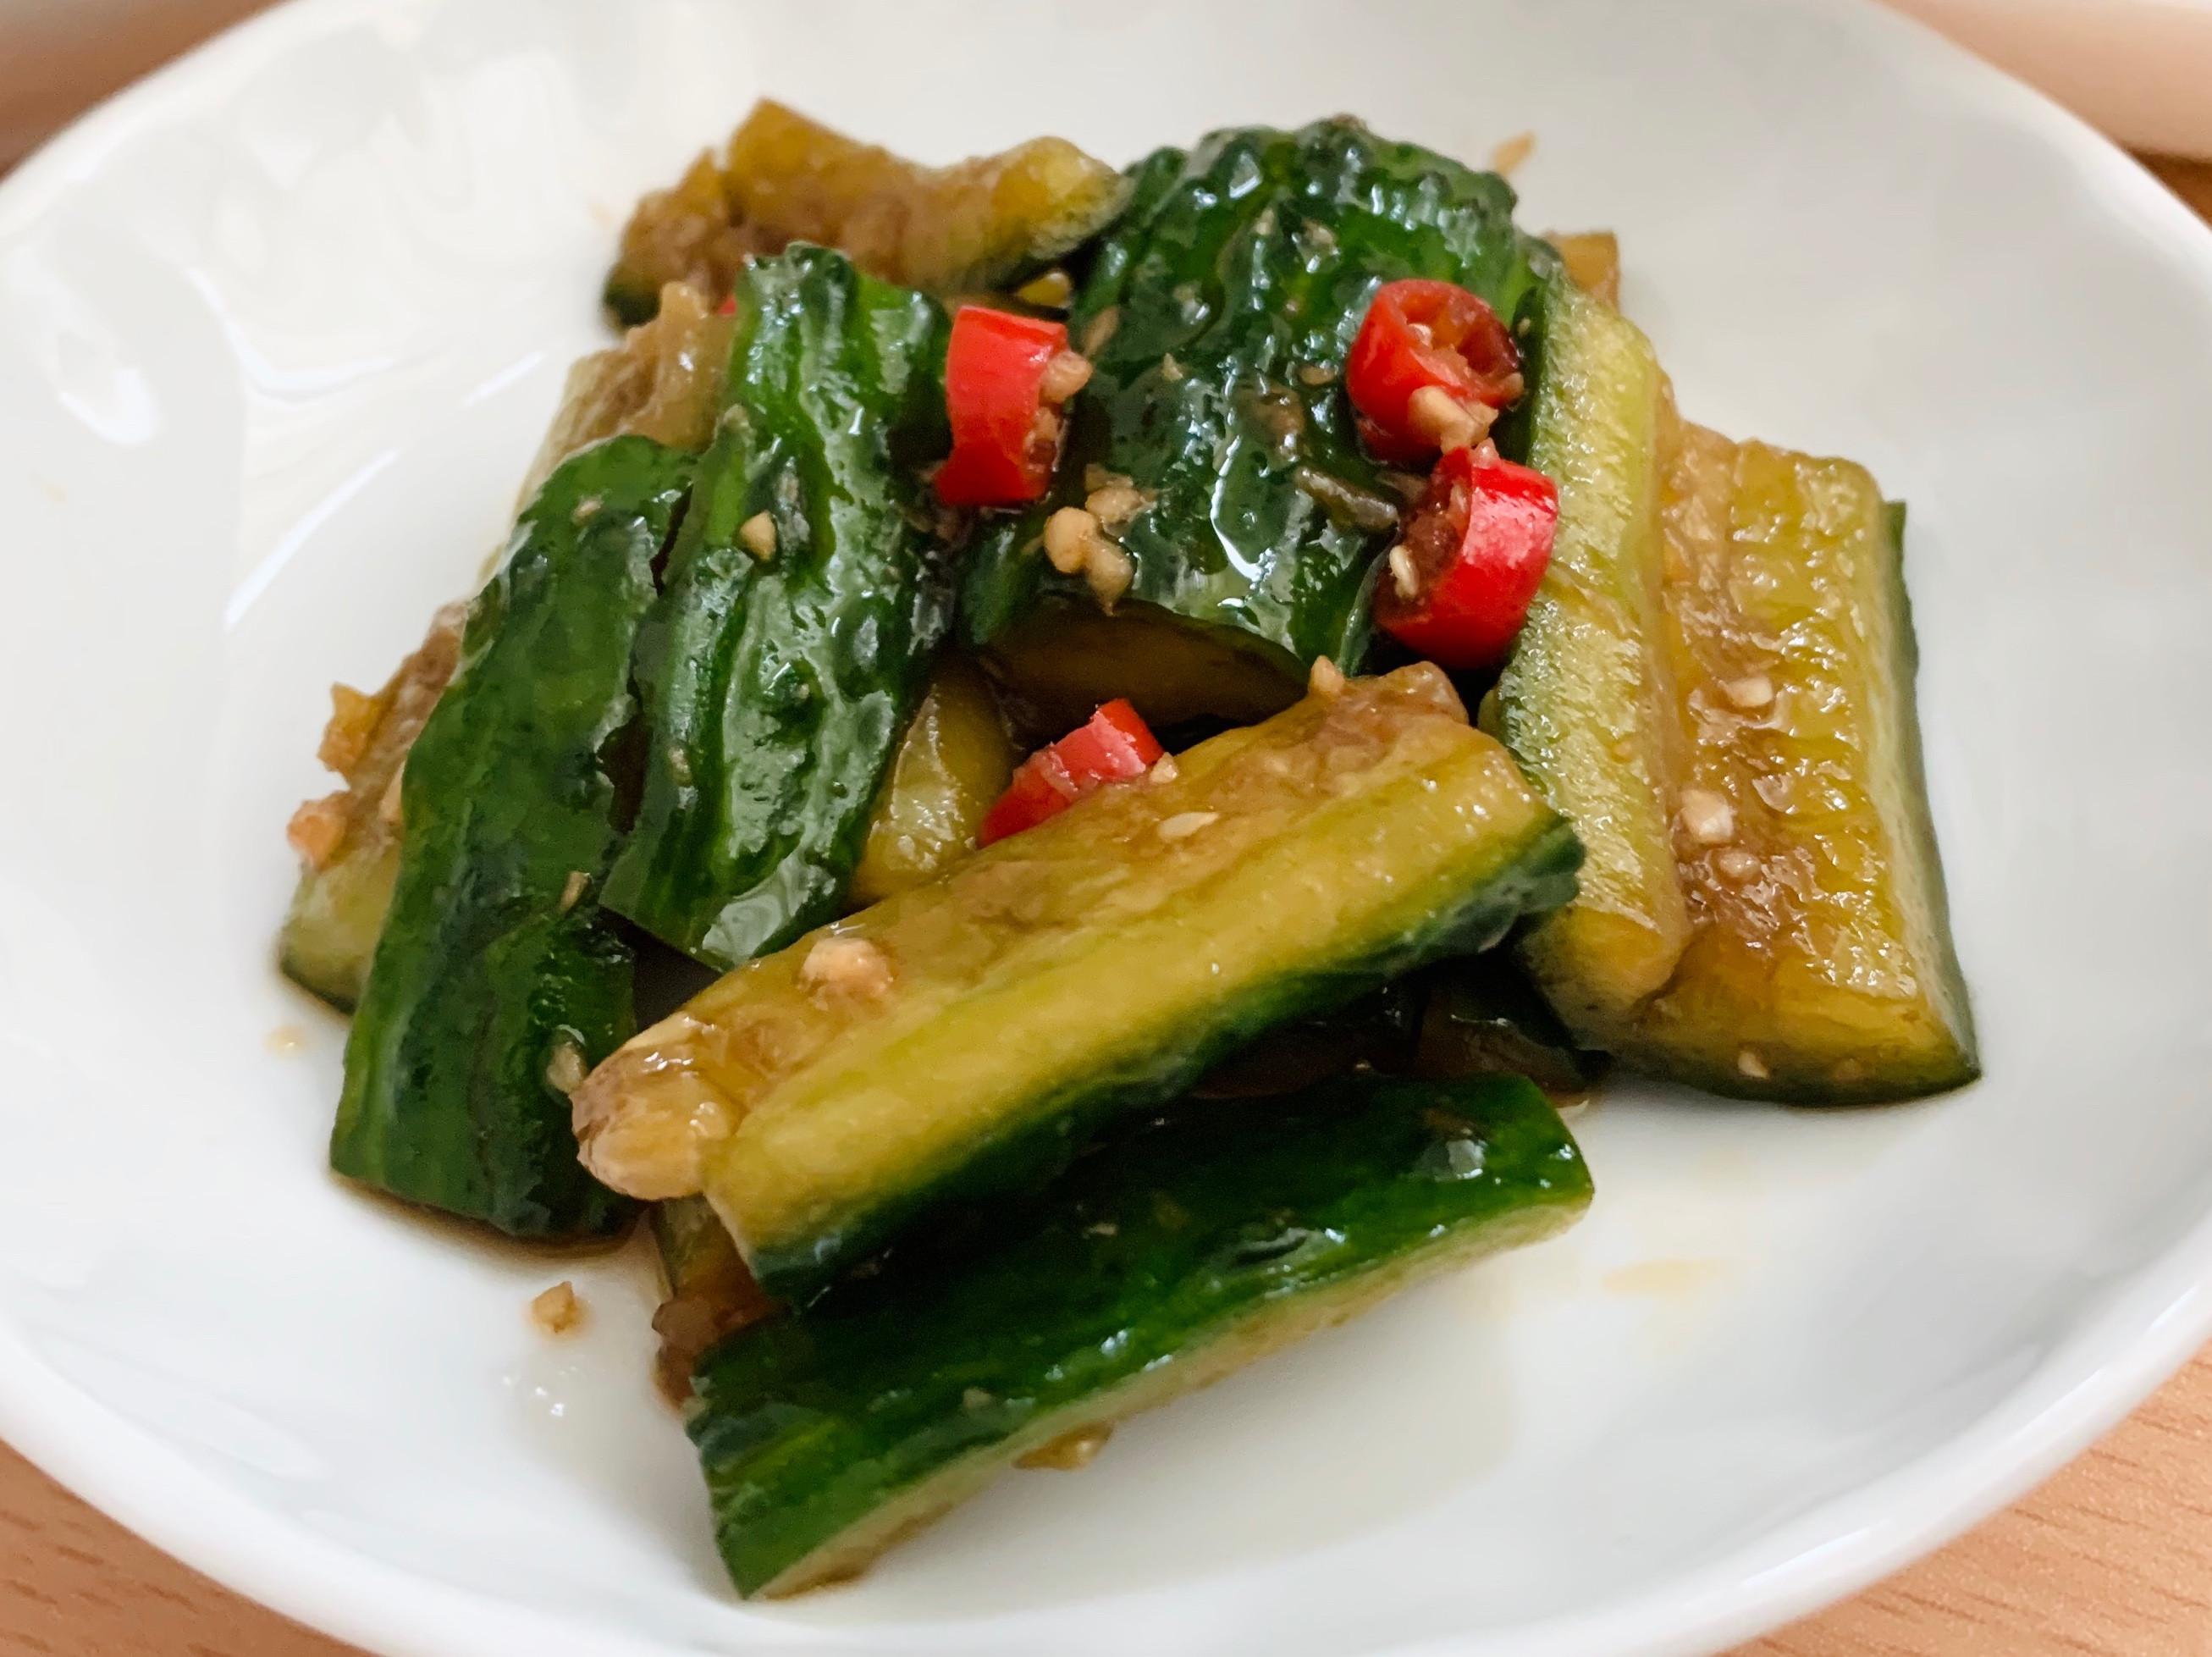 手拍涼拌小黃瓜 開胃前菜